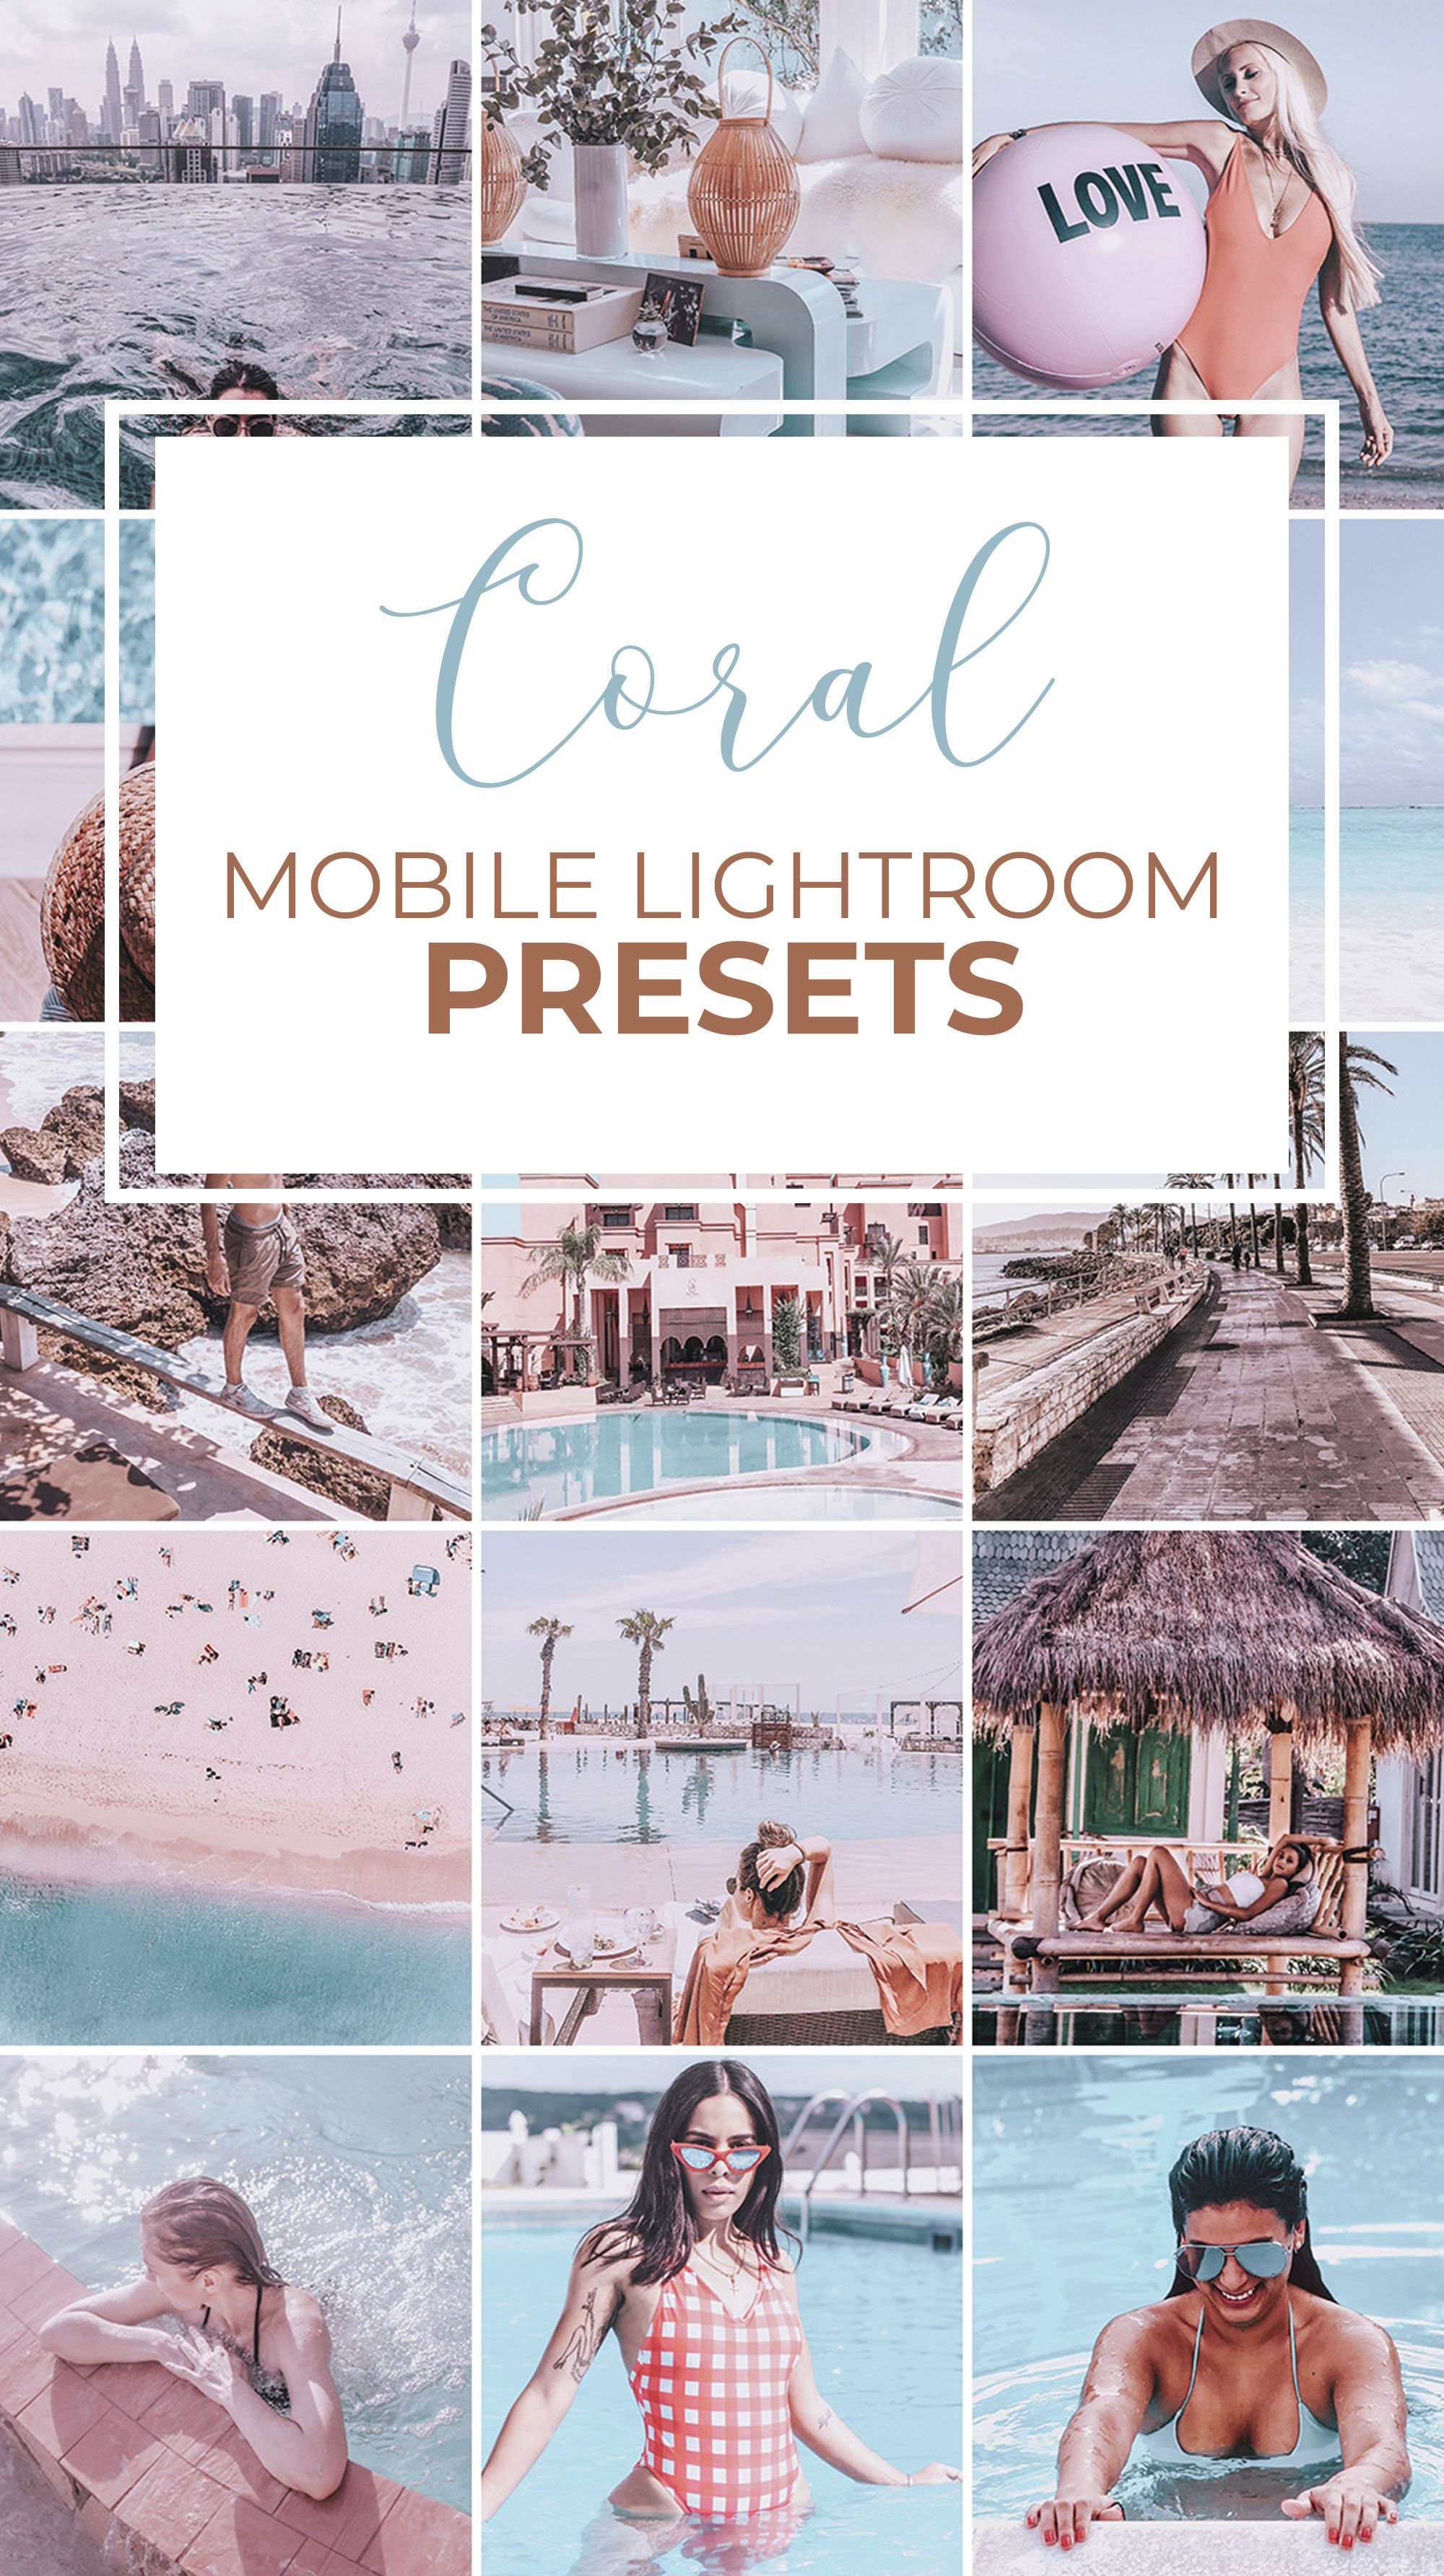 Mobile Lightroom Presetss Insta Presets Warm Bloggers Etsy Lightroom Presets Lightroom Photo Editing Lightroom